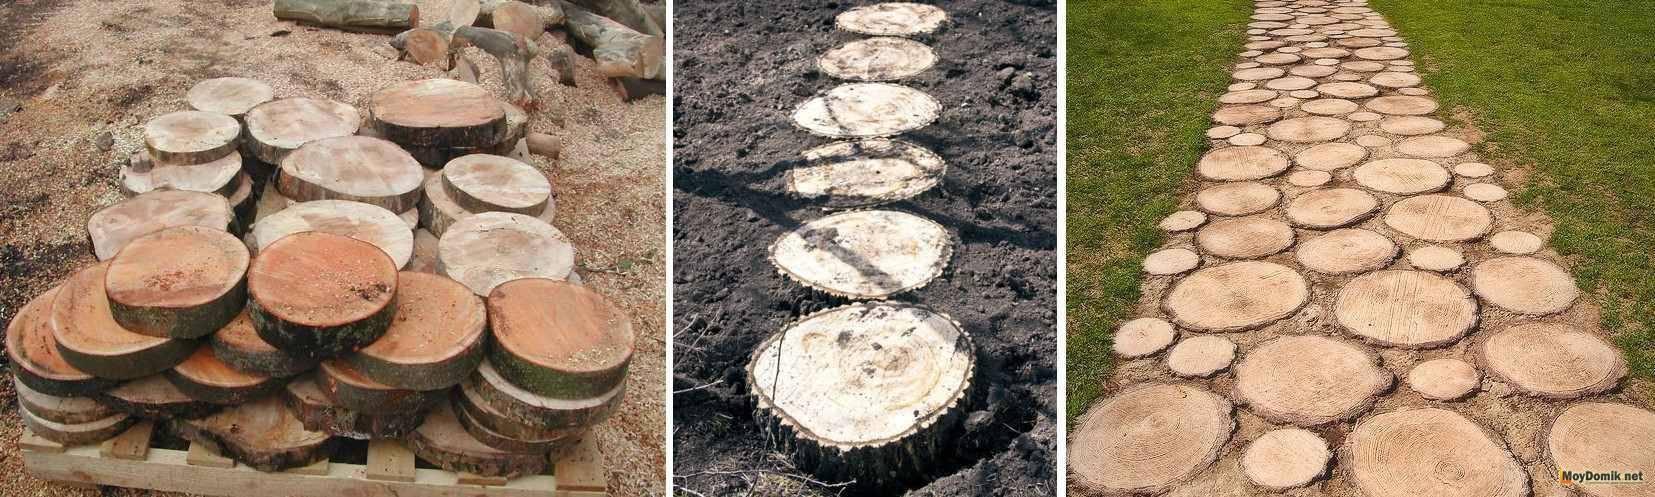 Дорожки из дерева своими руками - фото, примеры, схема установки